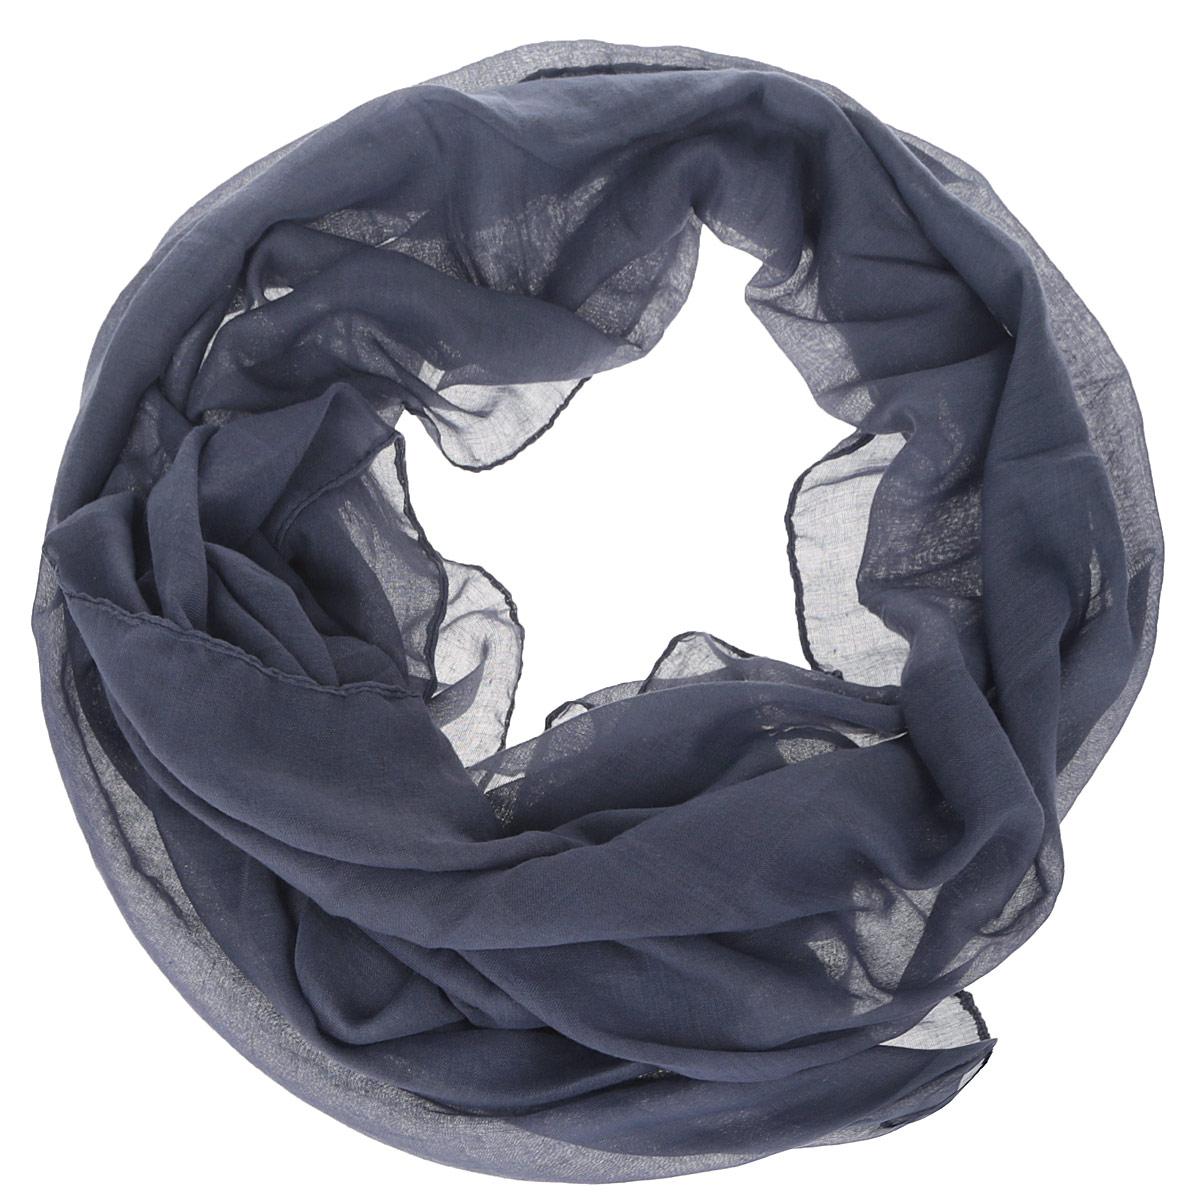 Шарф женский Fabretti, цвет: темно-синий. OT2016-3. Размер 180 см х 68 смOT2016-3Модный женский шарф Fabretti подарит вам уют и станет стильным аксессуаром, который призван подчеркнуть вашу индивидуальность и женственность. Тонкий шарф выполнен из высококачественной 100% вискозы, он невероятно мягкий и приятный на ощупь. Однотонный шарф будет великолепно сочетаться с любыми нарядами.Этот модный аксессуар гармонично дополнит образ современной женщины, следящей за своим имиджем и стремящейся всегда оставаться стильной и элегантной. Такой шарф украсит любой наряд и согреет вас в непогоду, с ним вы всегда будете выглядеть изысканно и оригинально.